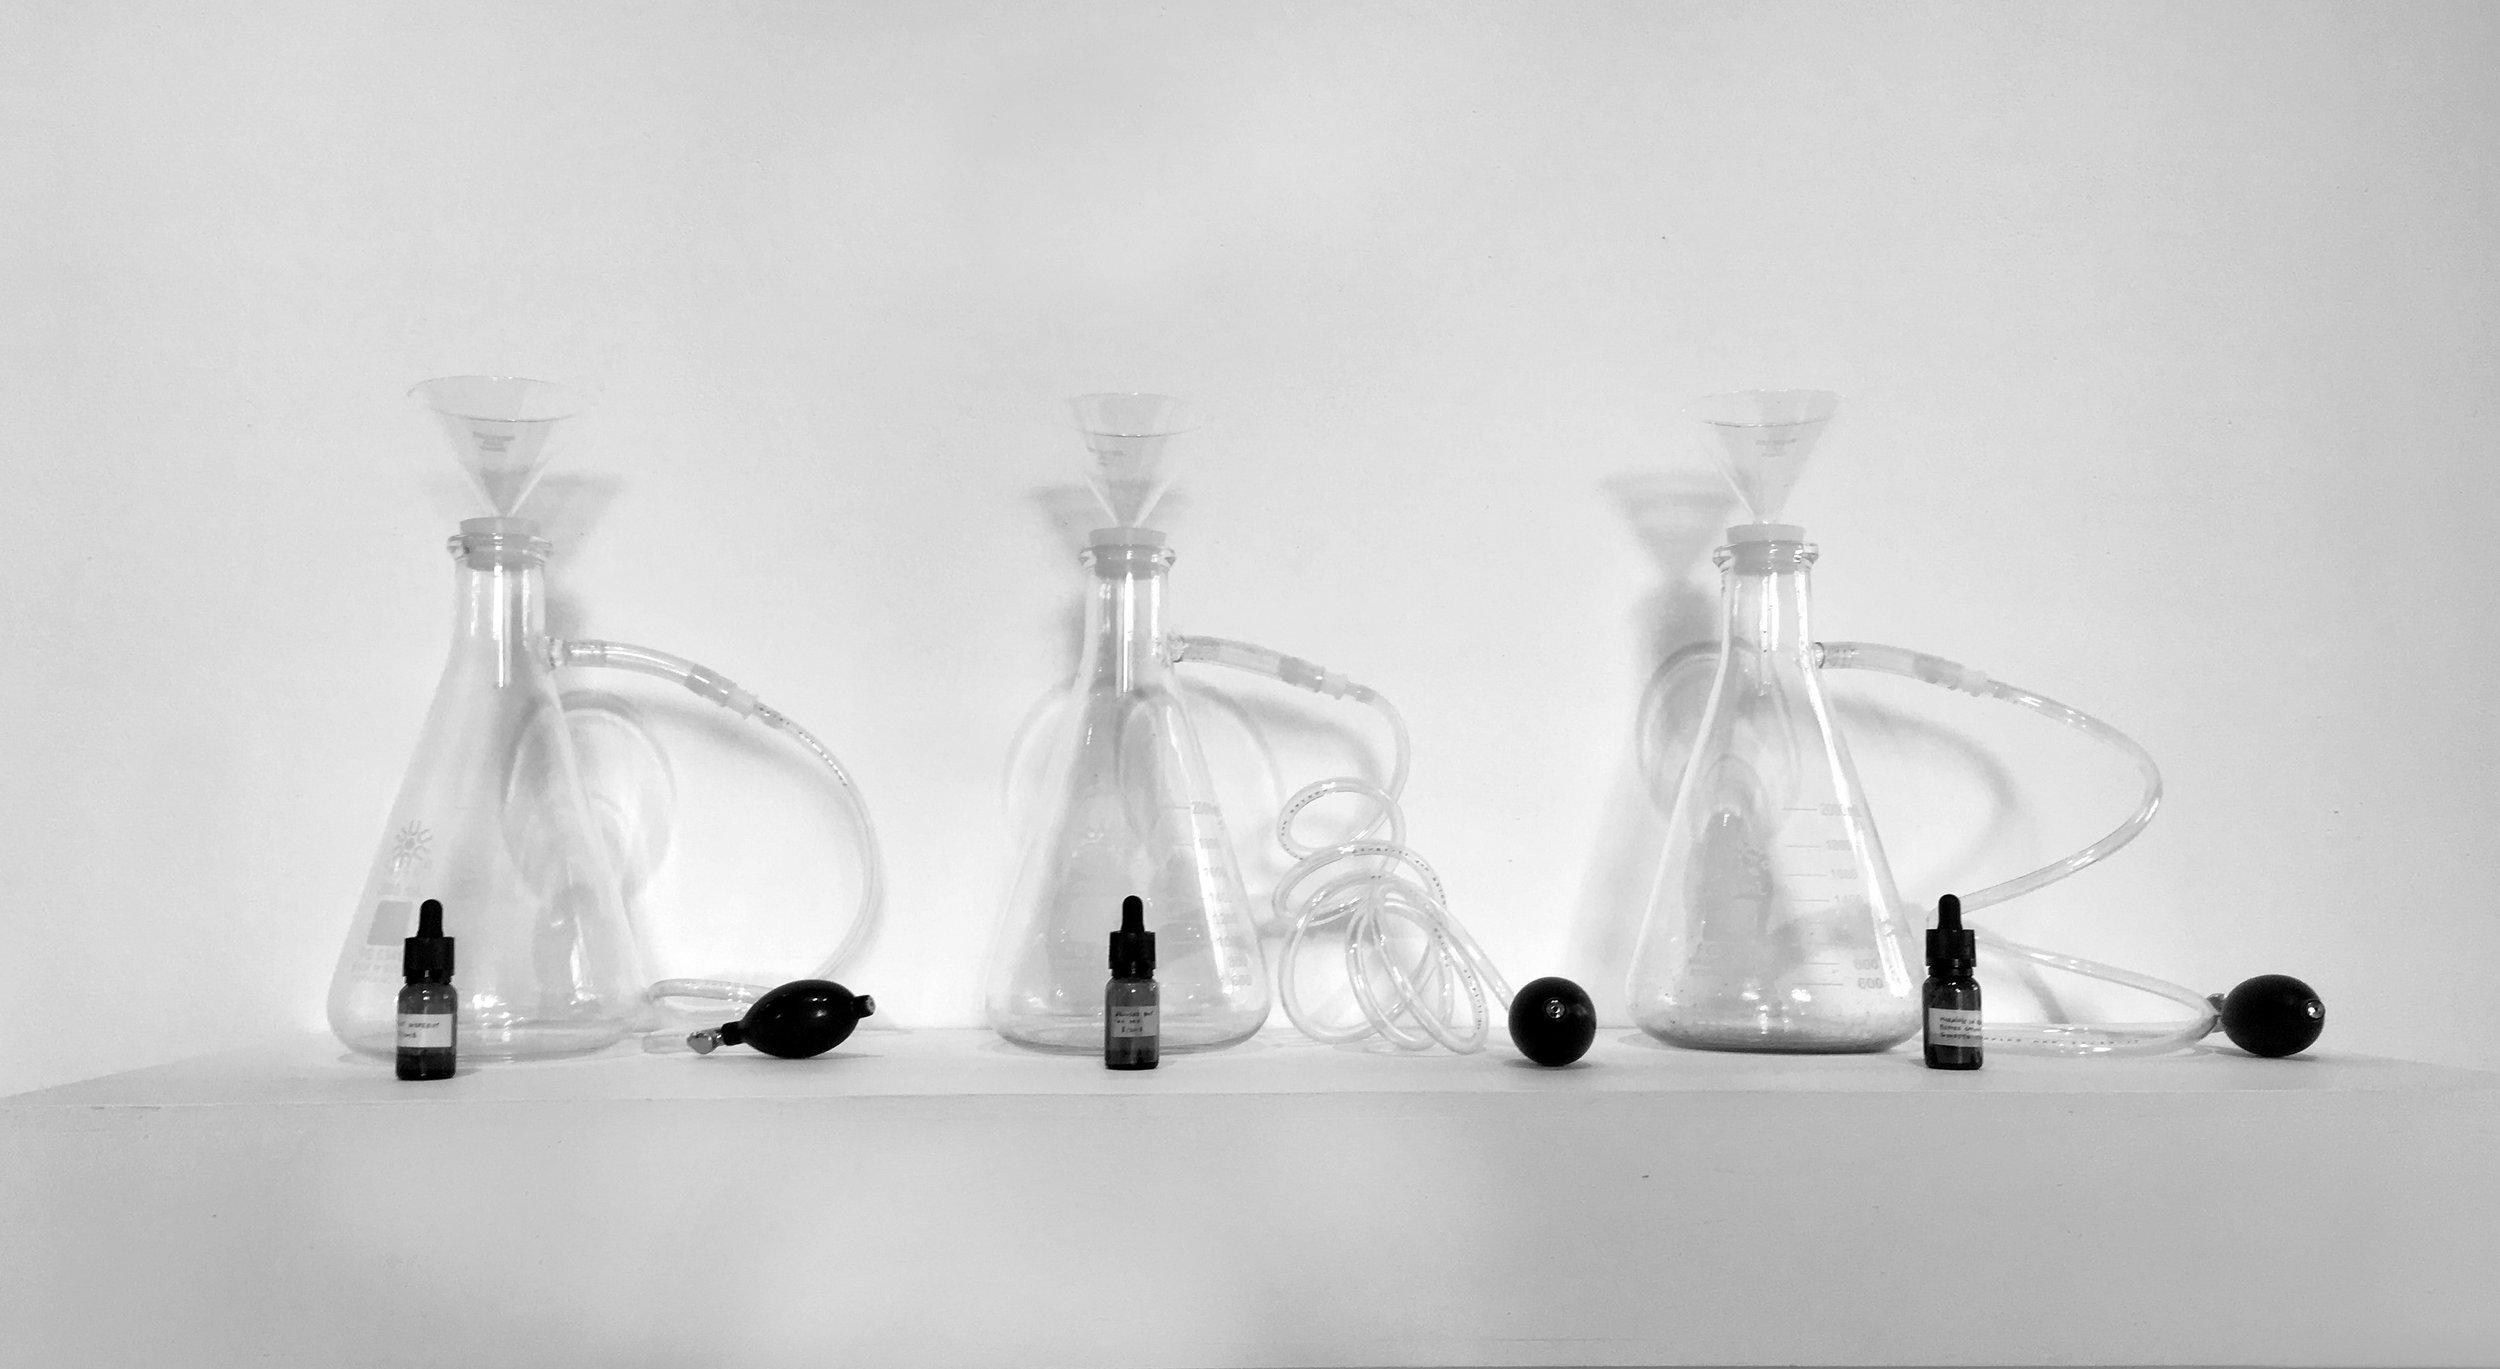 bottles in a row copy.JPG